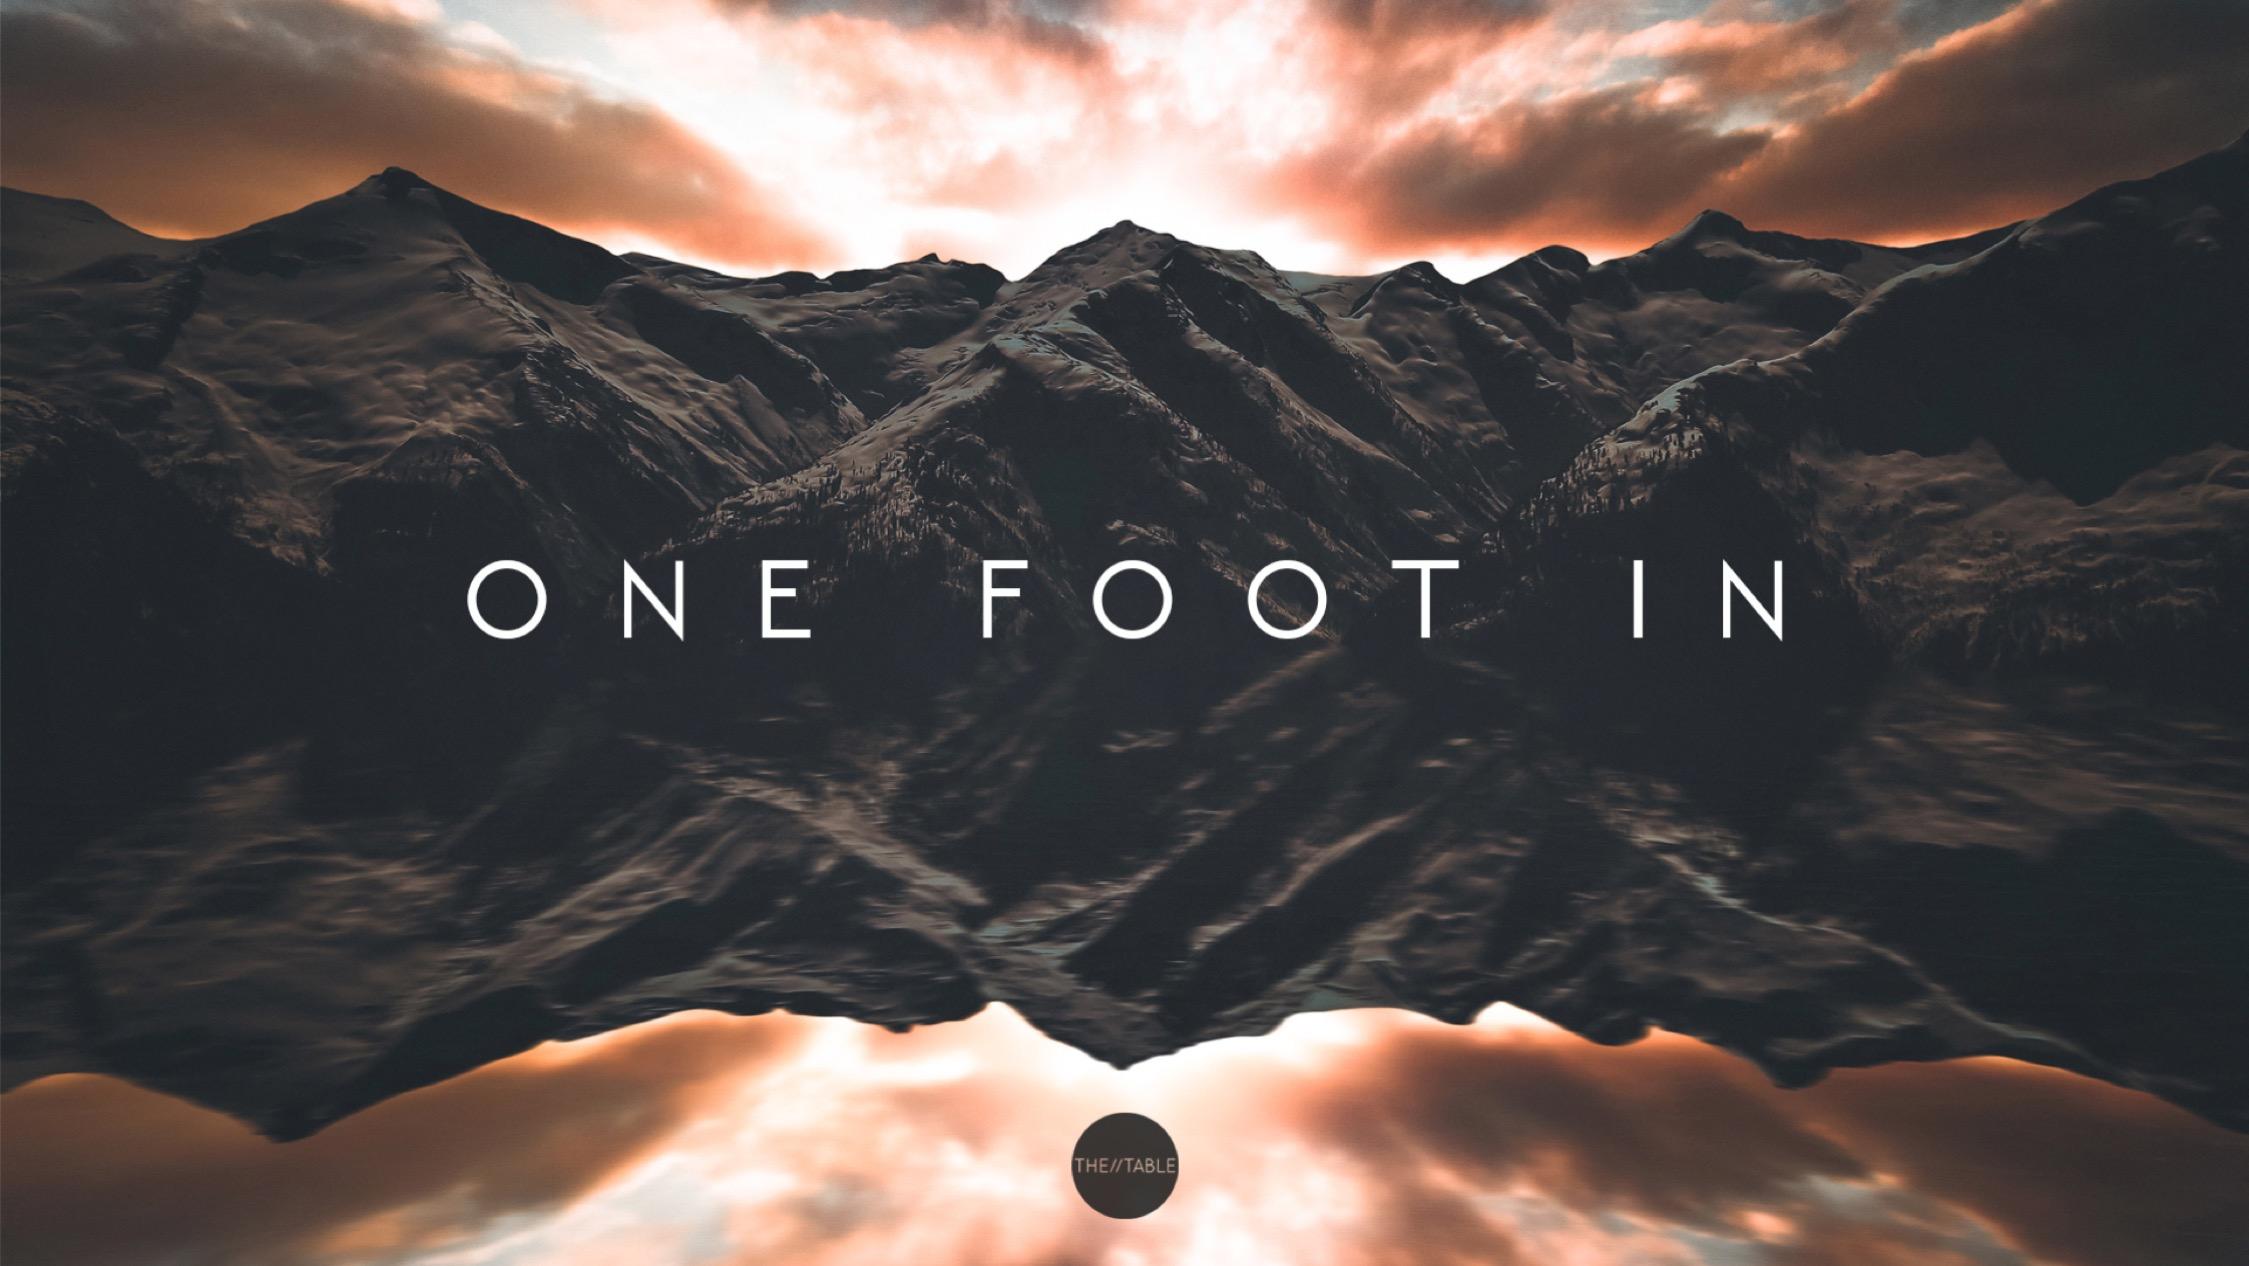 One Foot In1.jpg